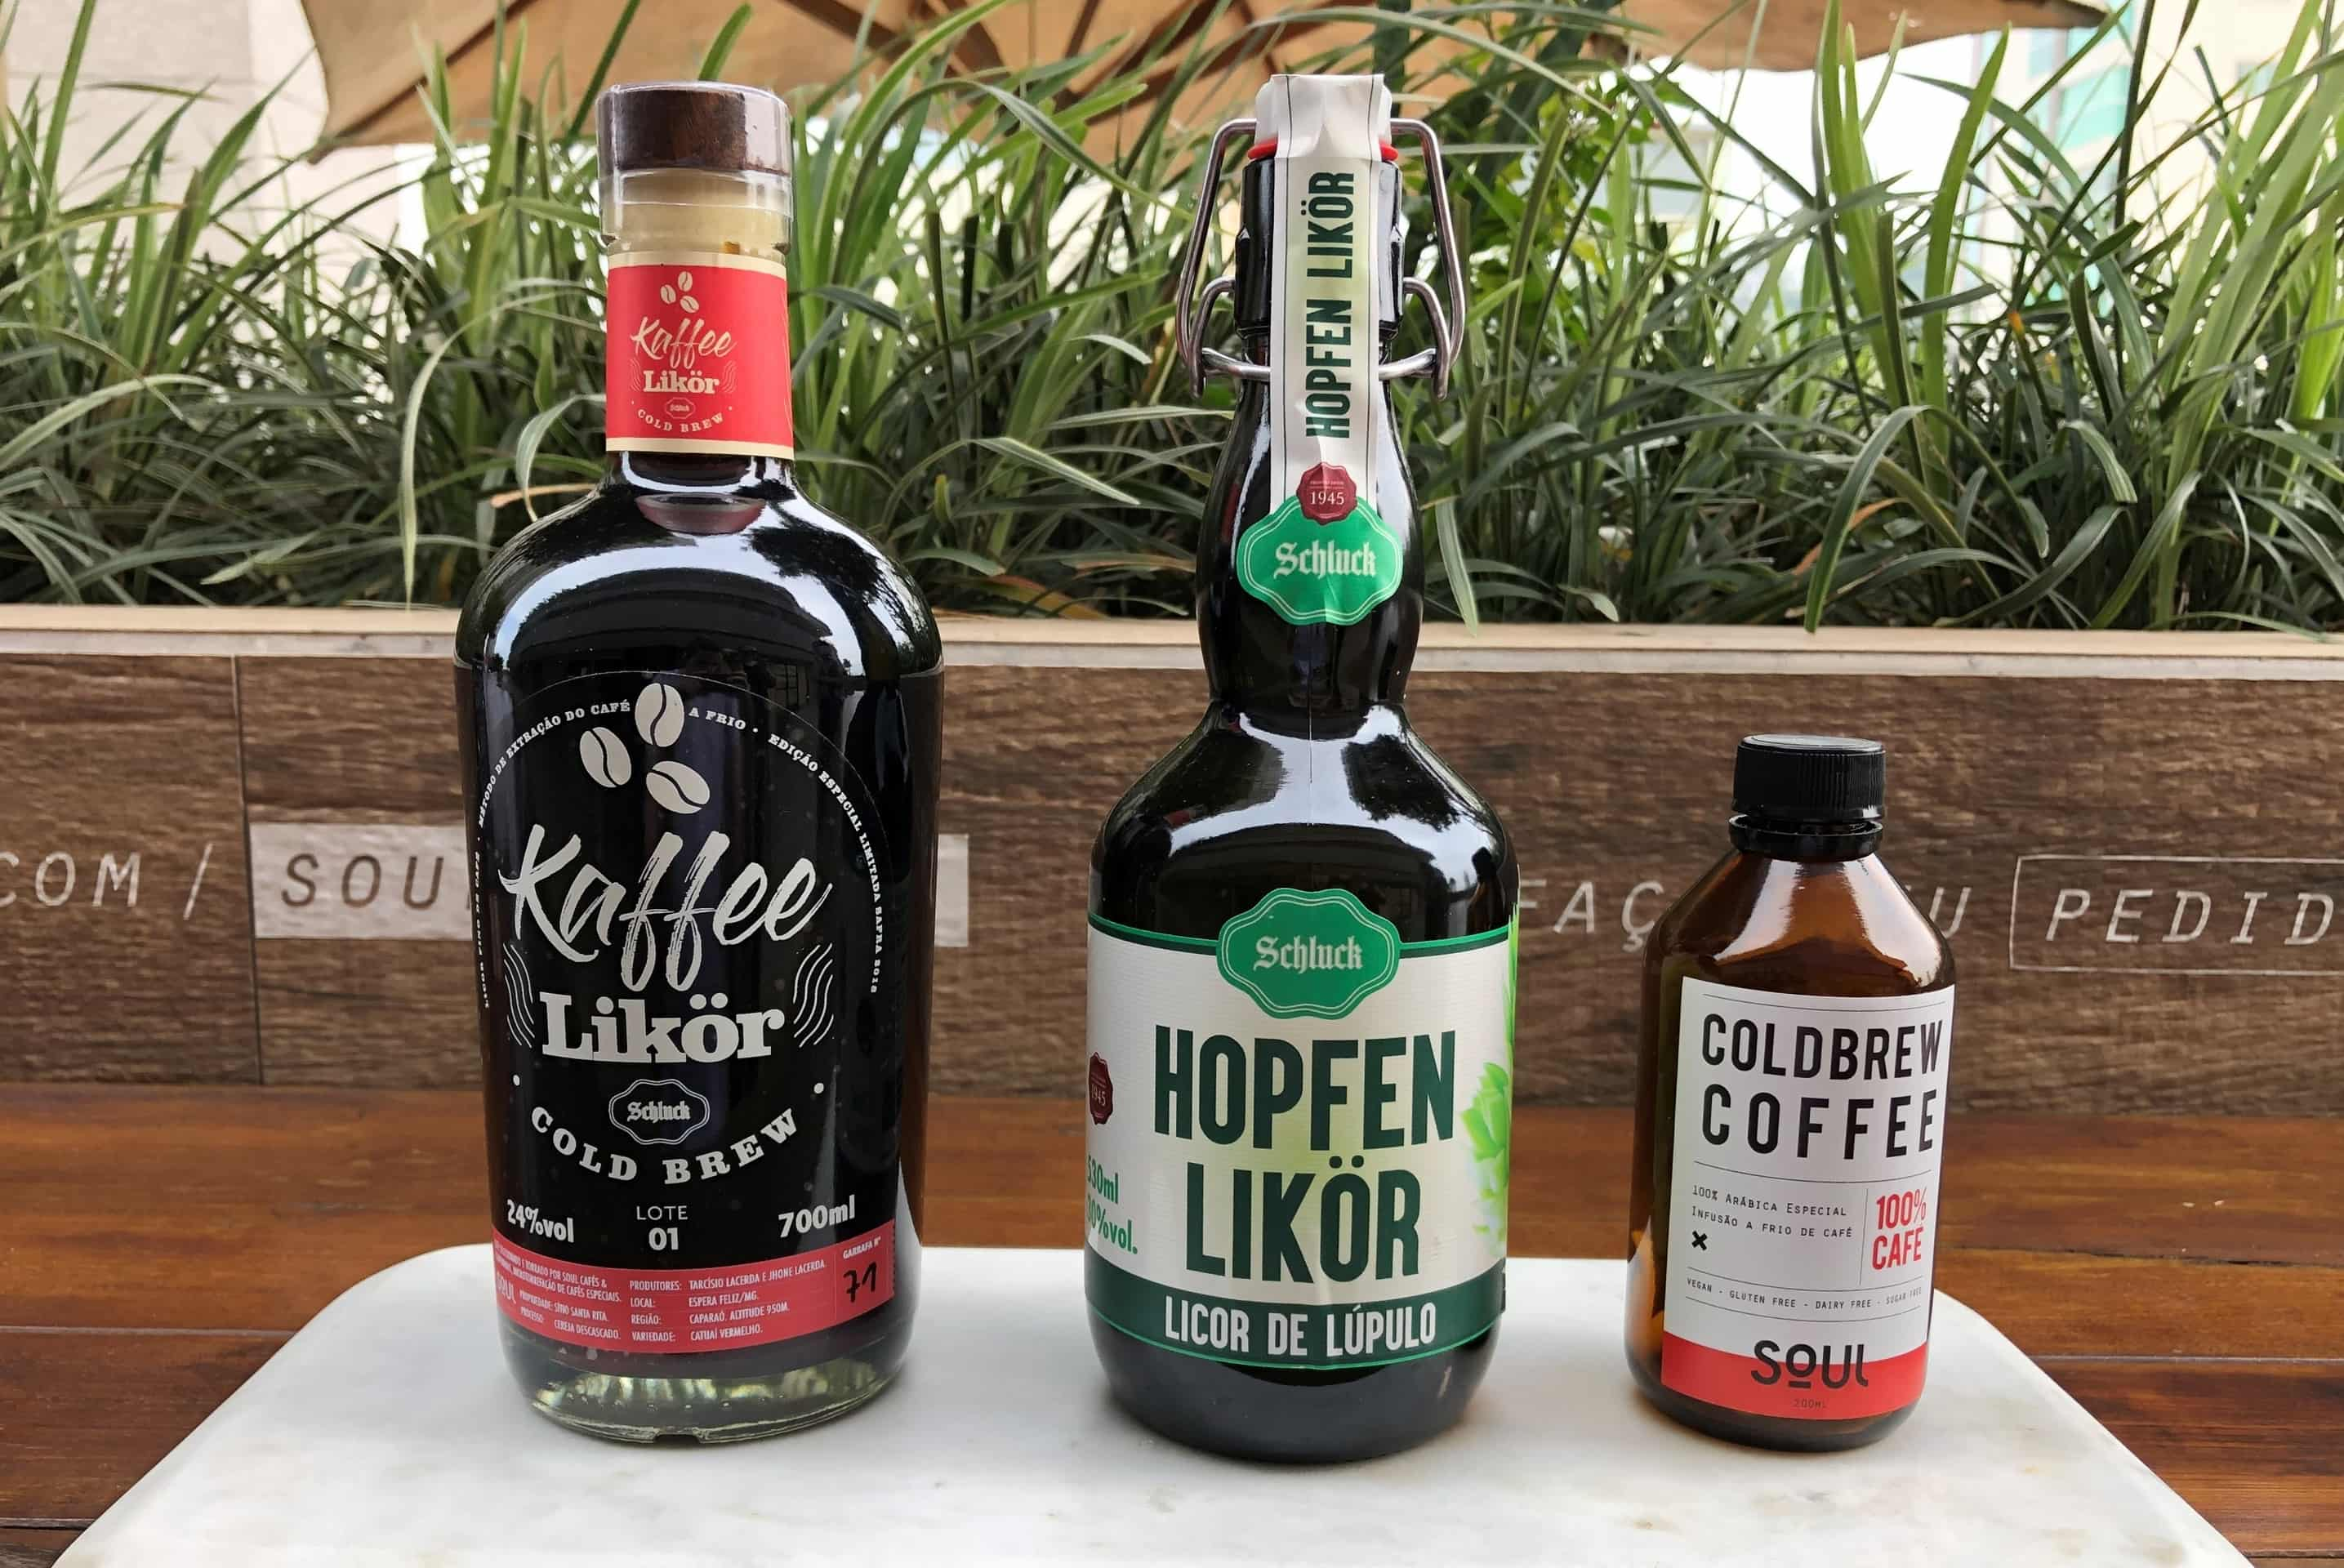 Imagem: Para fazer, são necessários três ingredientes: Hopfen Likör (licor de lúpulo), vodka e cold brew coffee. Foto: Arquiteca Projetos.